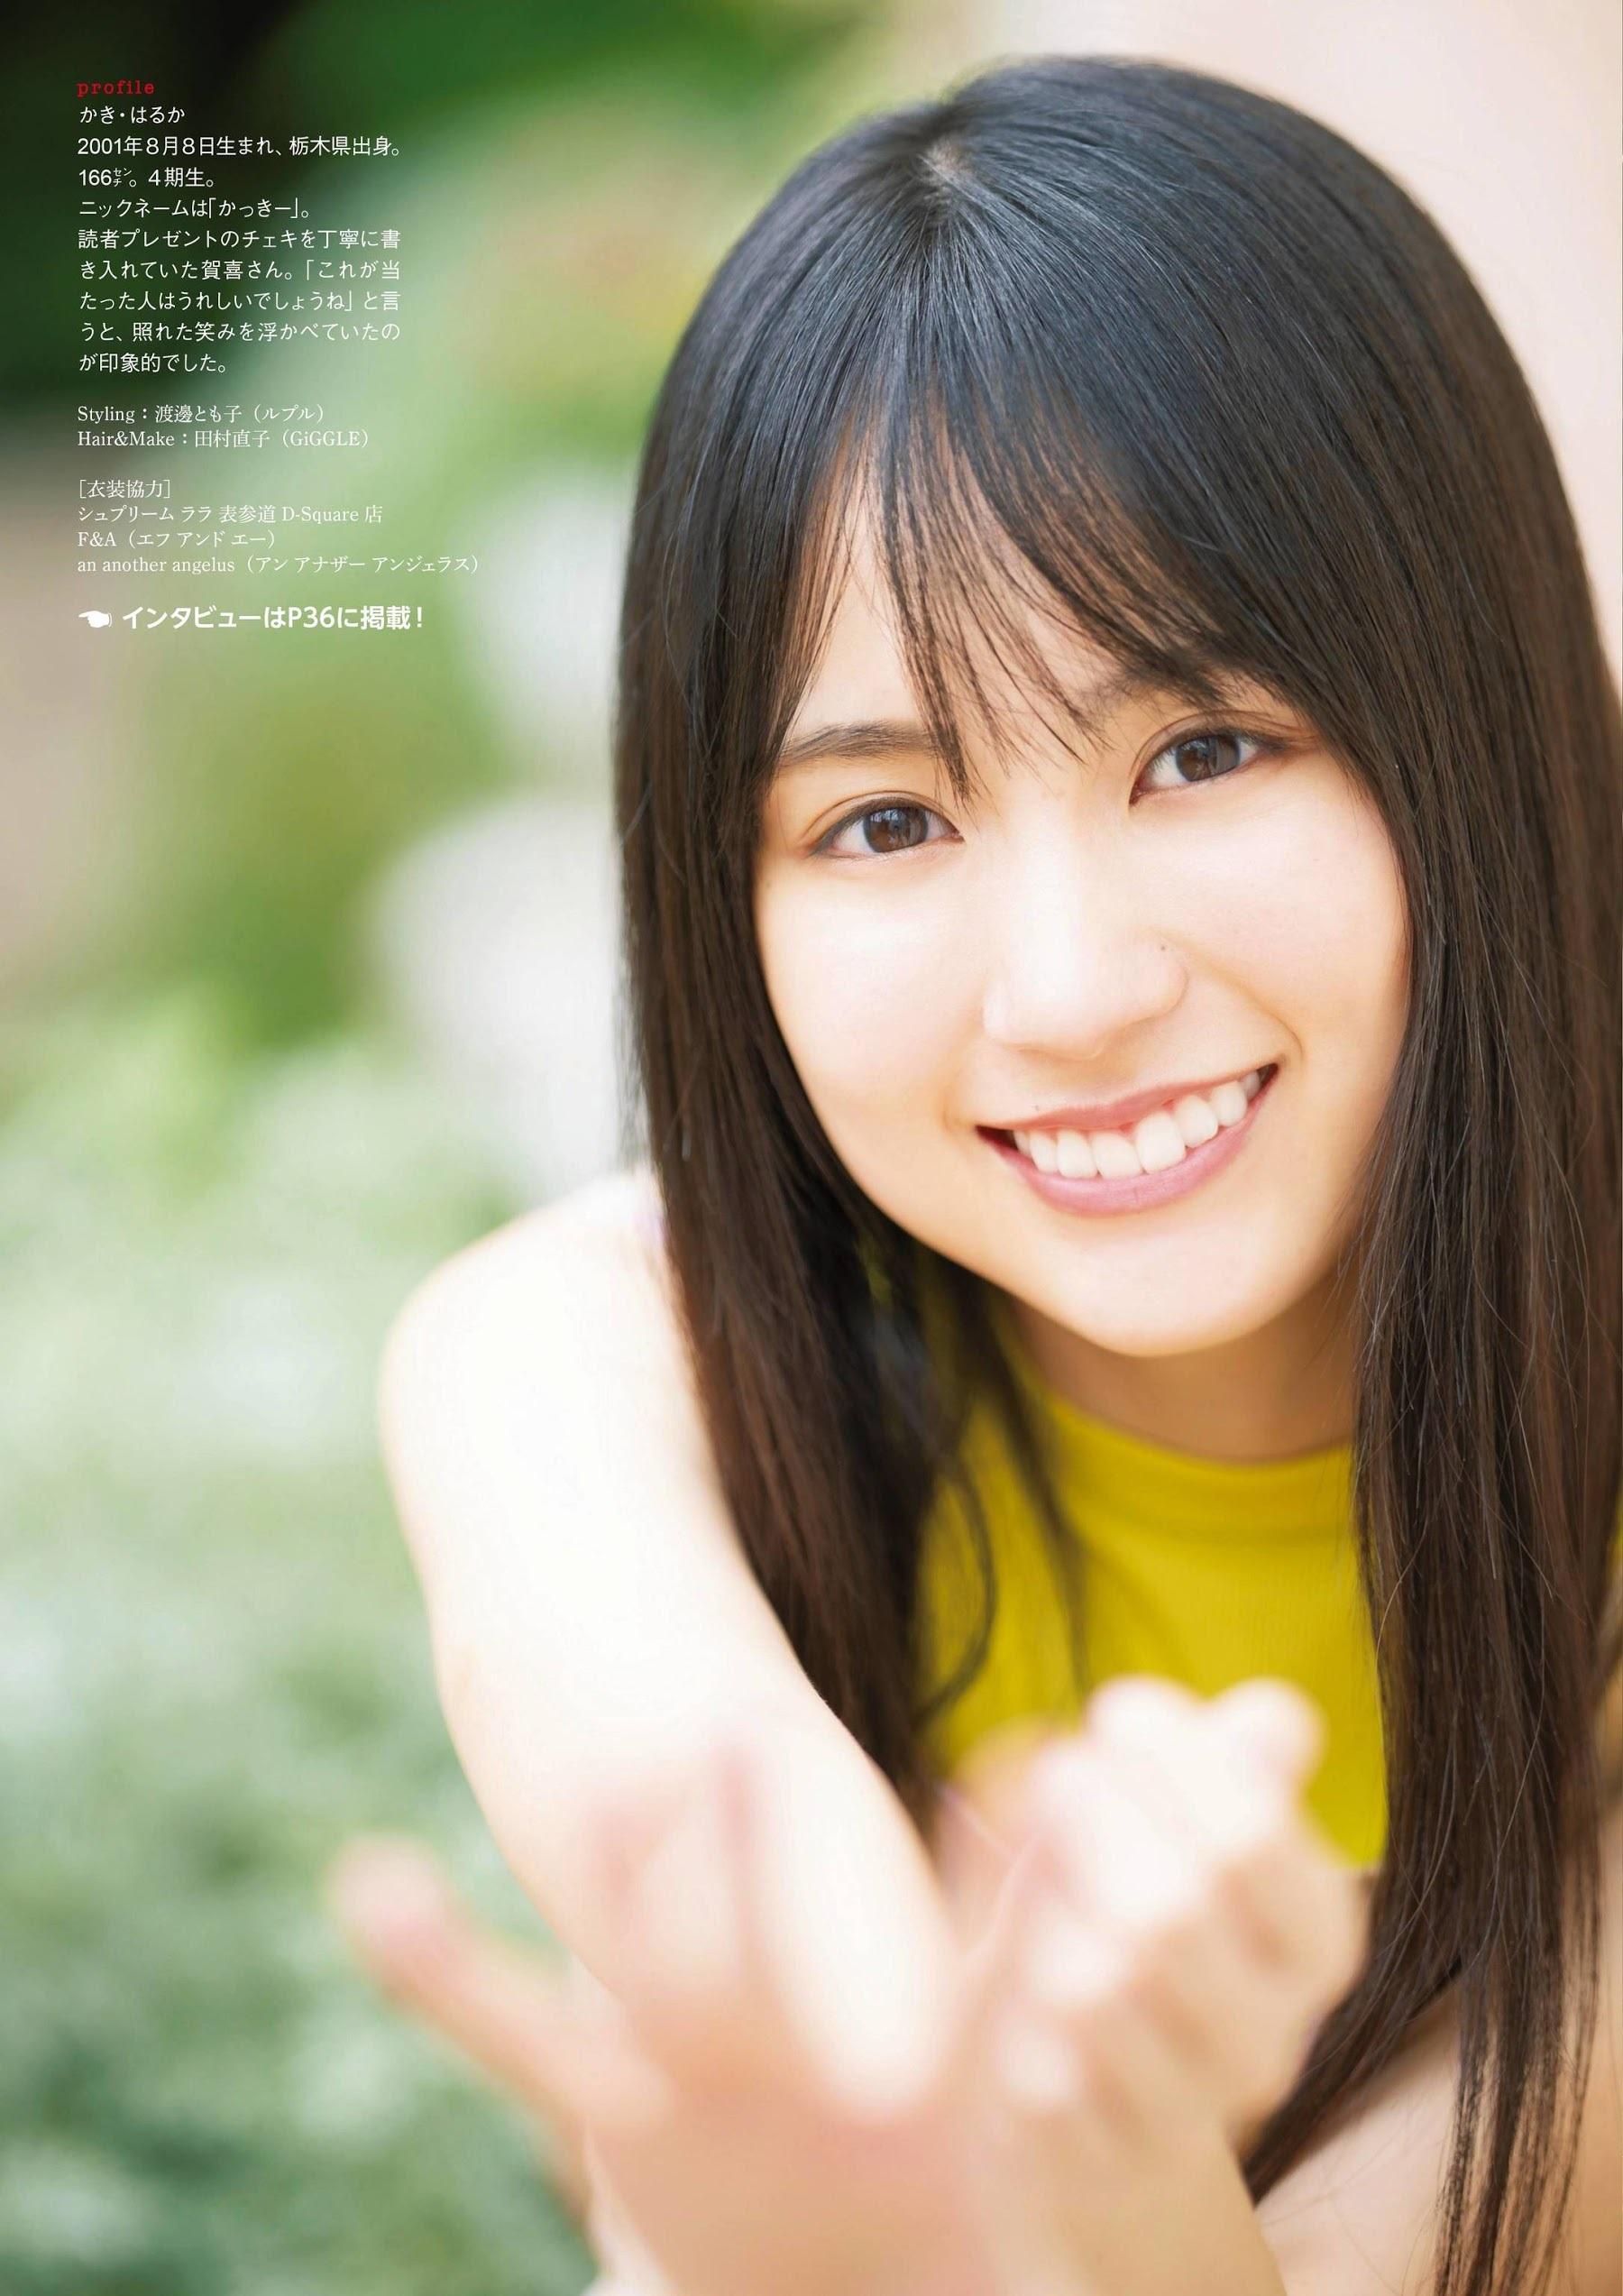 賀喜遥香39